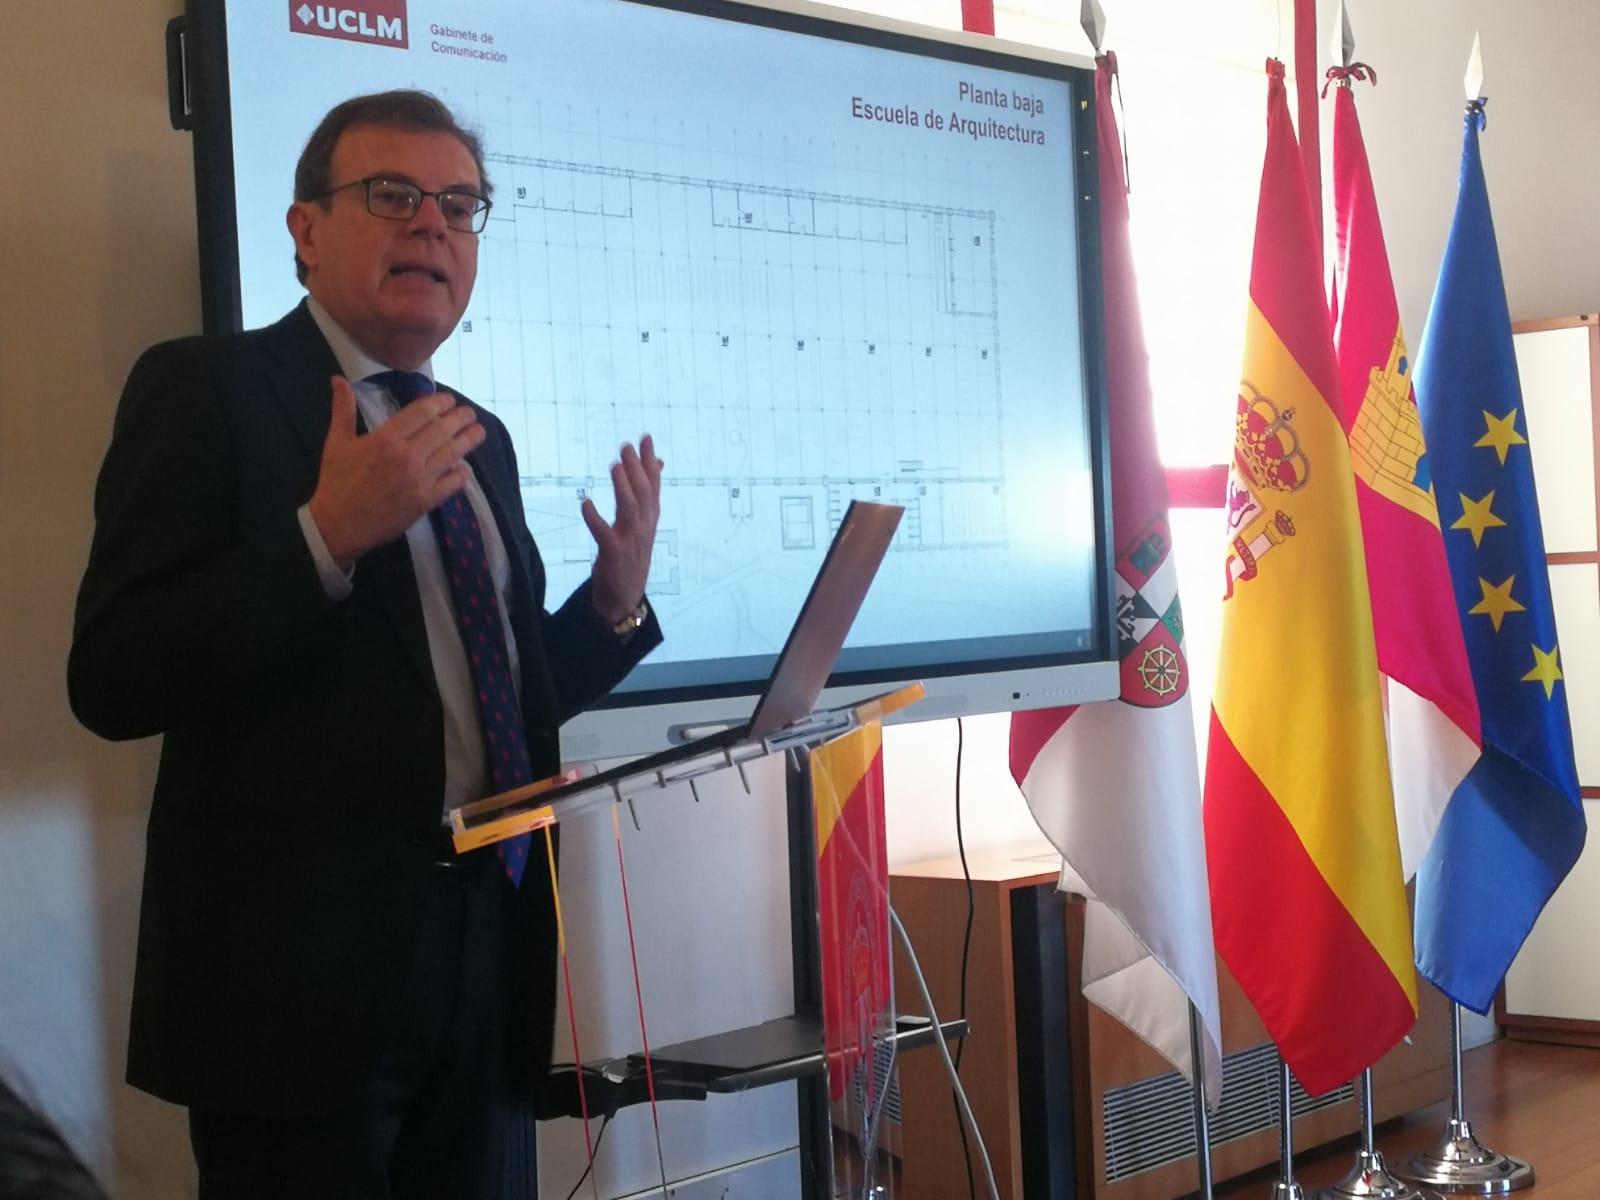 Miguel Ángel Collado, rector de la UCLM, ha explicado los tres próximos proyectos, dos de ellos en Toledo y uno en Talavera.